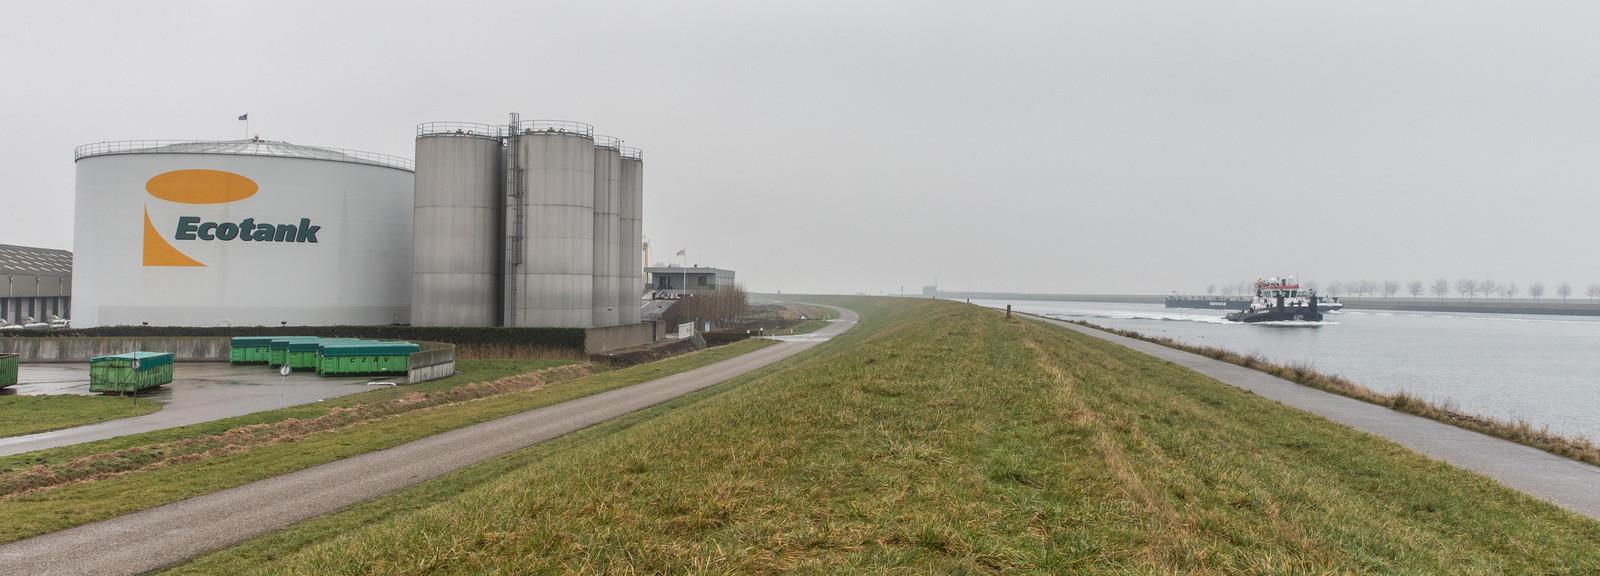 Volgens Ecotank hoeven de inwoners van Wemeldinge nergens voor te vrezen. Er verandert niks in de hoeveelheid opslag en ook niet in het aantal verkeersbewegingen.